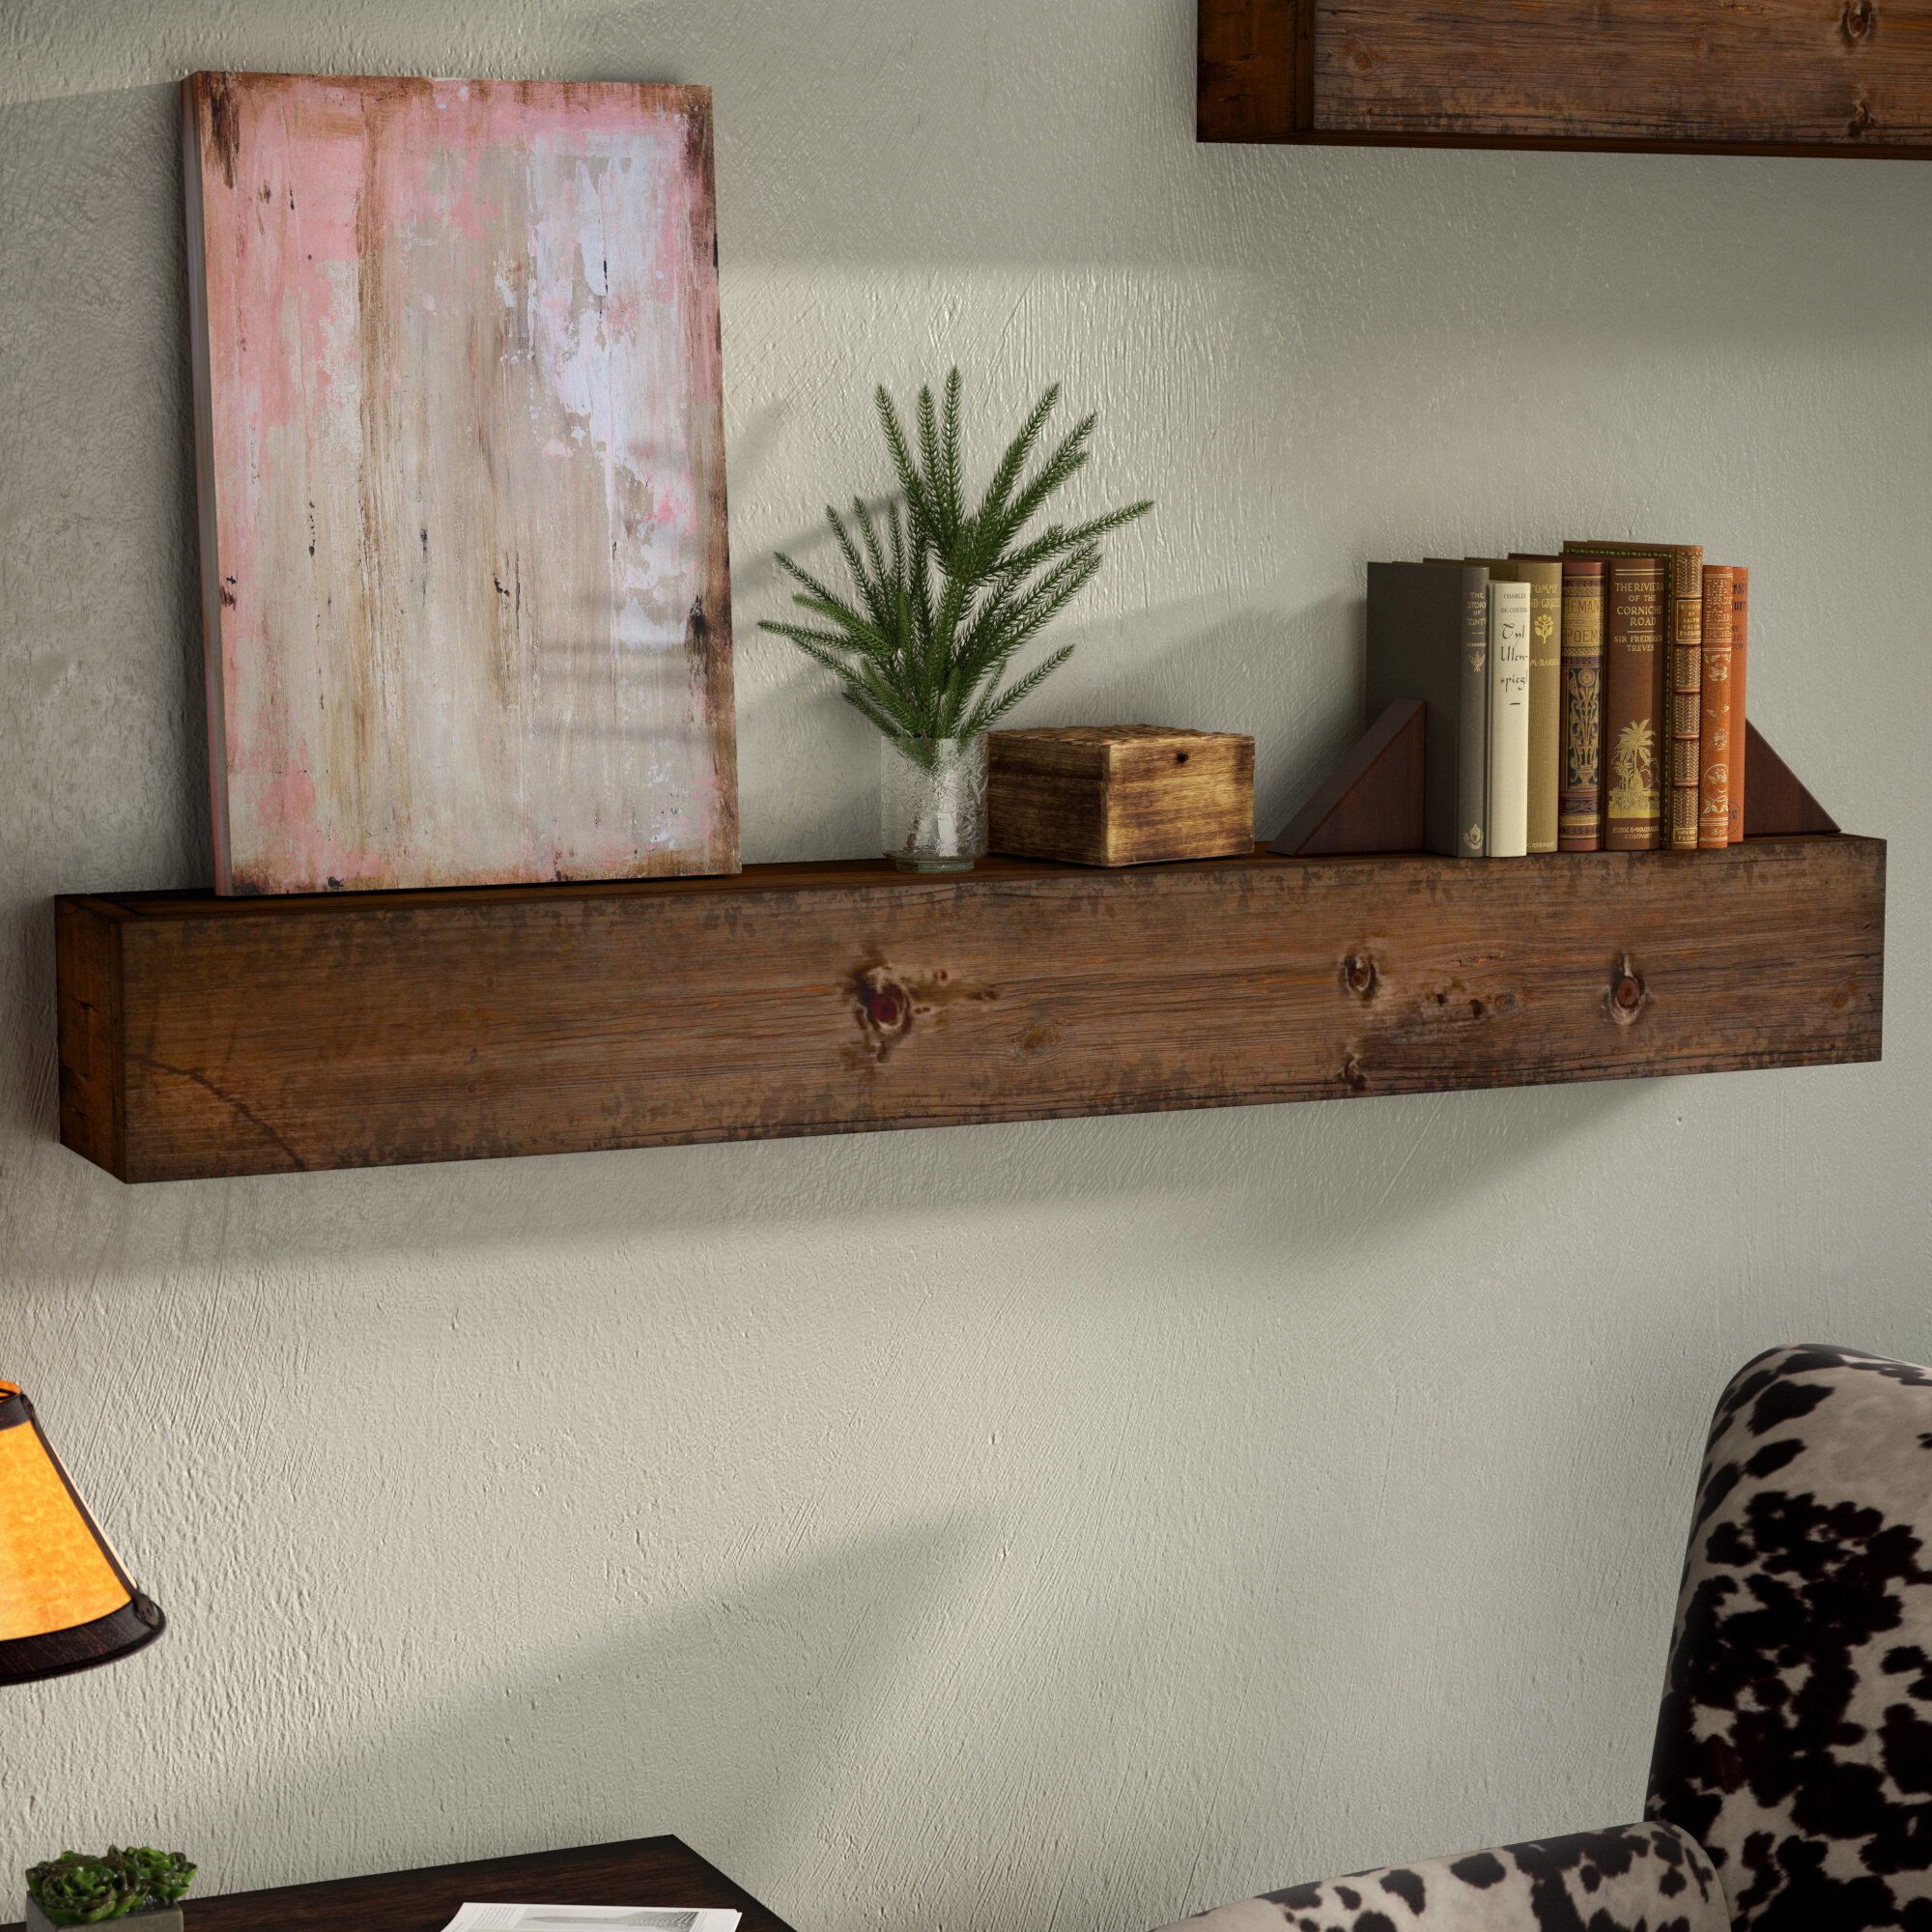 Union rustic zimmerman wood mantle floating shelf reviews wayfair